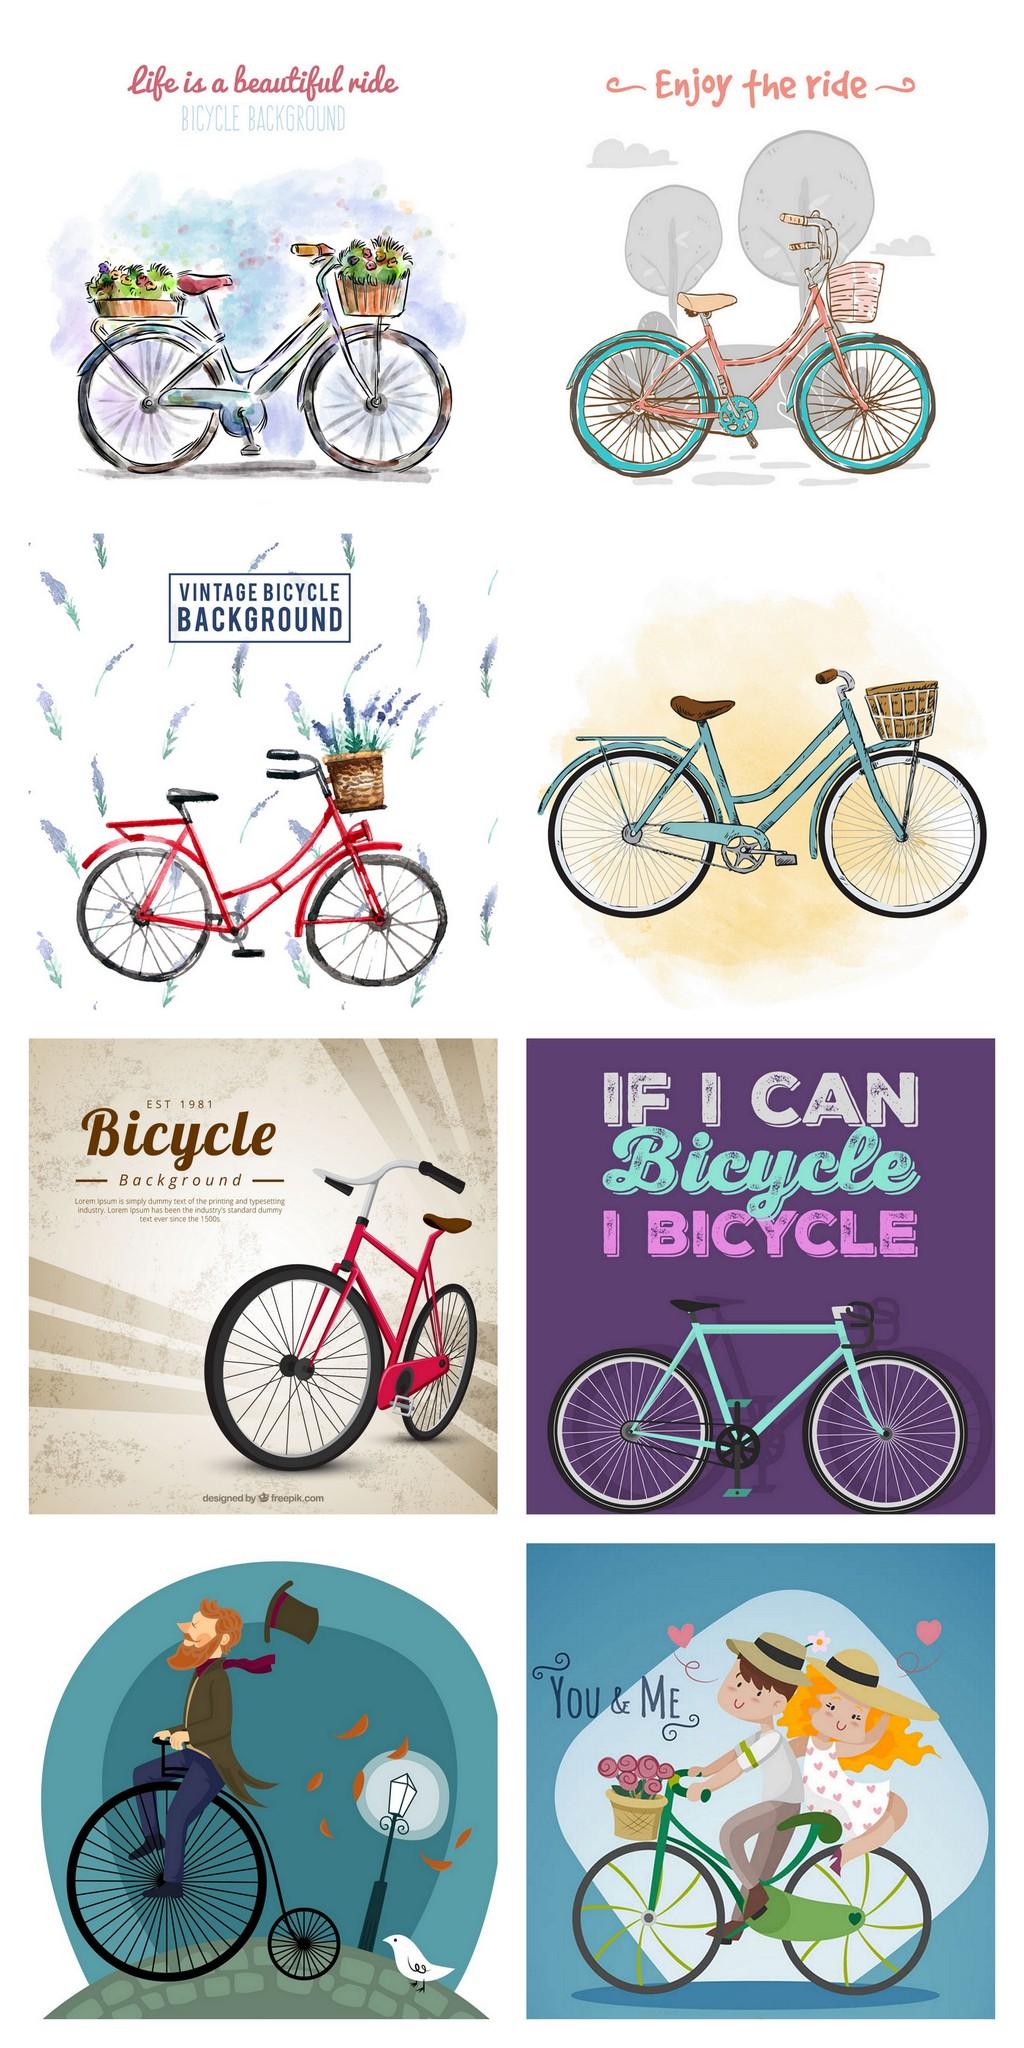 水彩绘卡通自行车单车情侣郊外骑单车图片设计素材 高清AI模板下载 图片